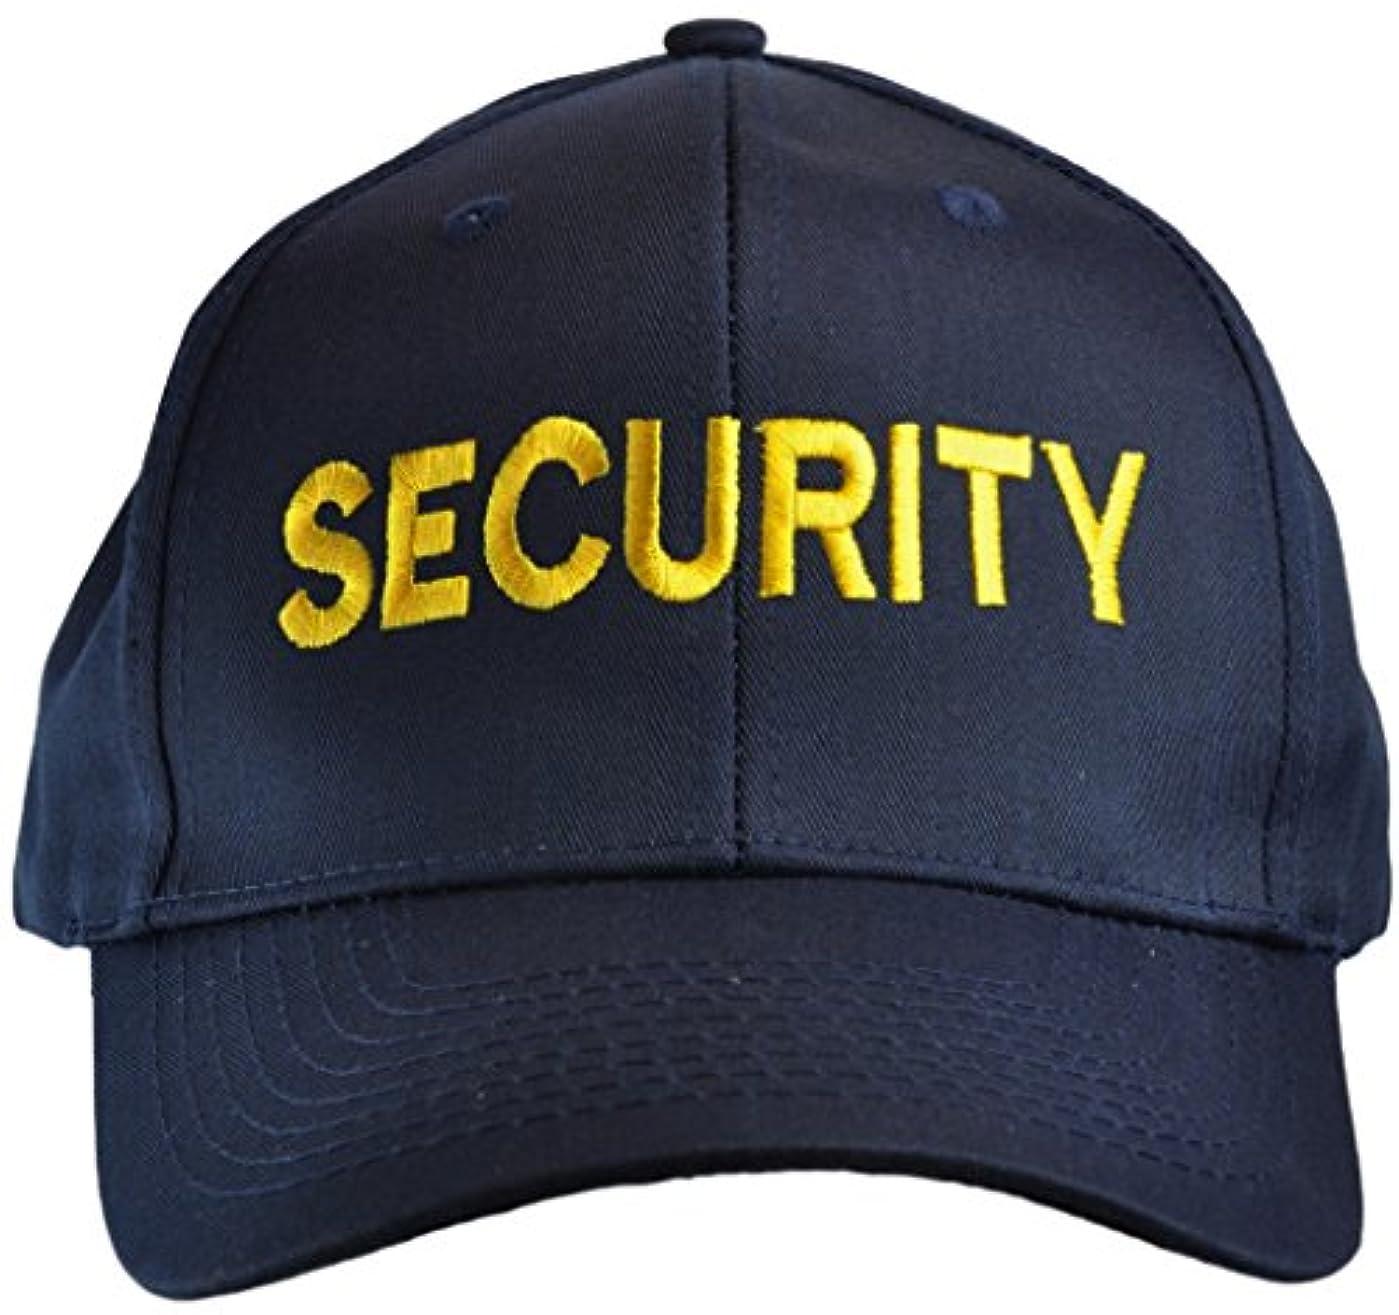 日記野望ナンセンスTactical 365操作First Response警察またはセキュリティ刺繍帽子 コットン/ Cotton Twill Baseballキャップ